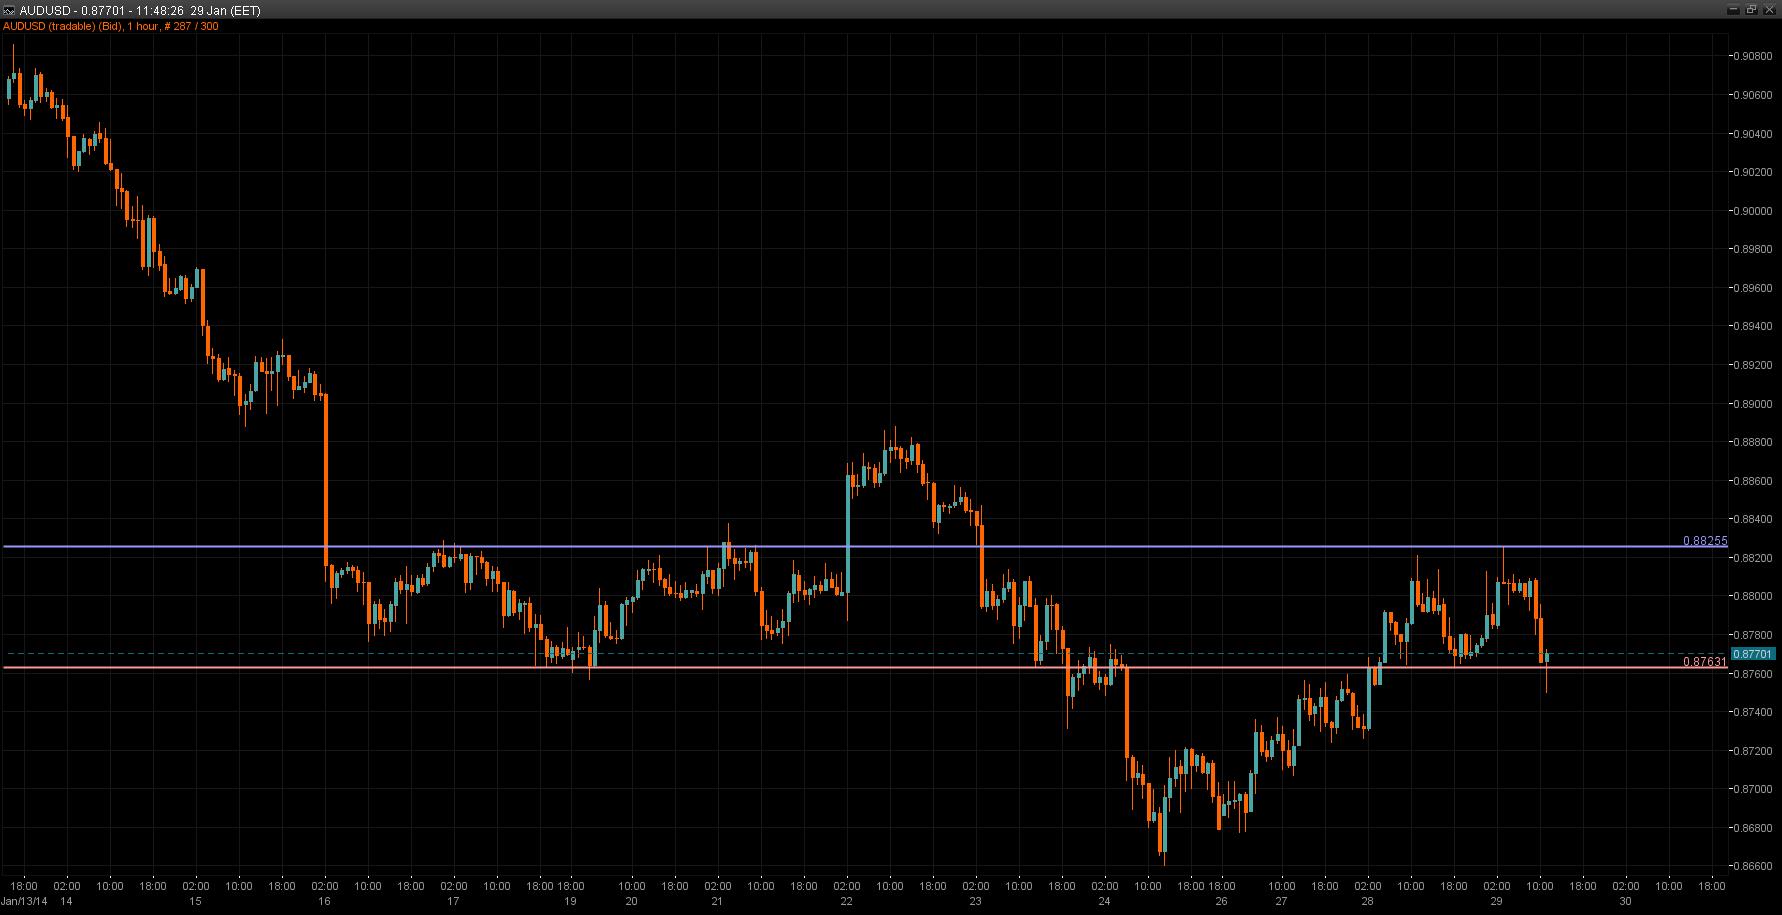 AUD/USD Chart 29 Jan 2014